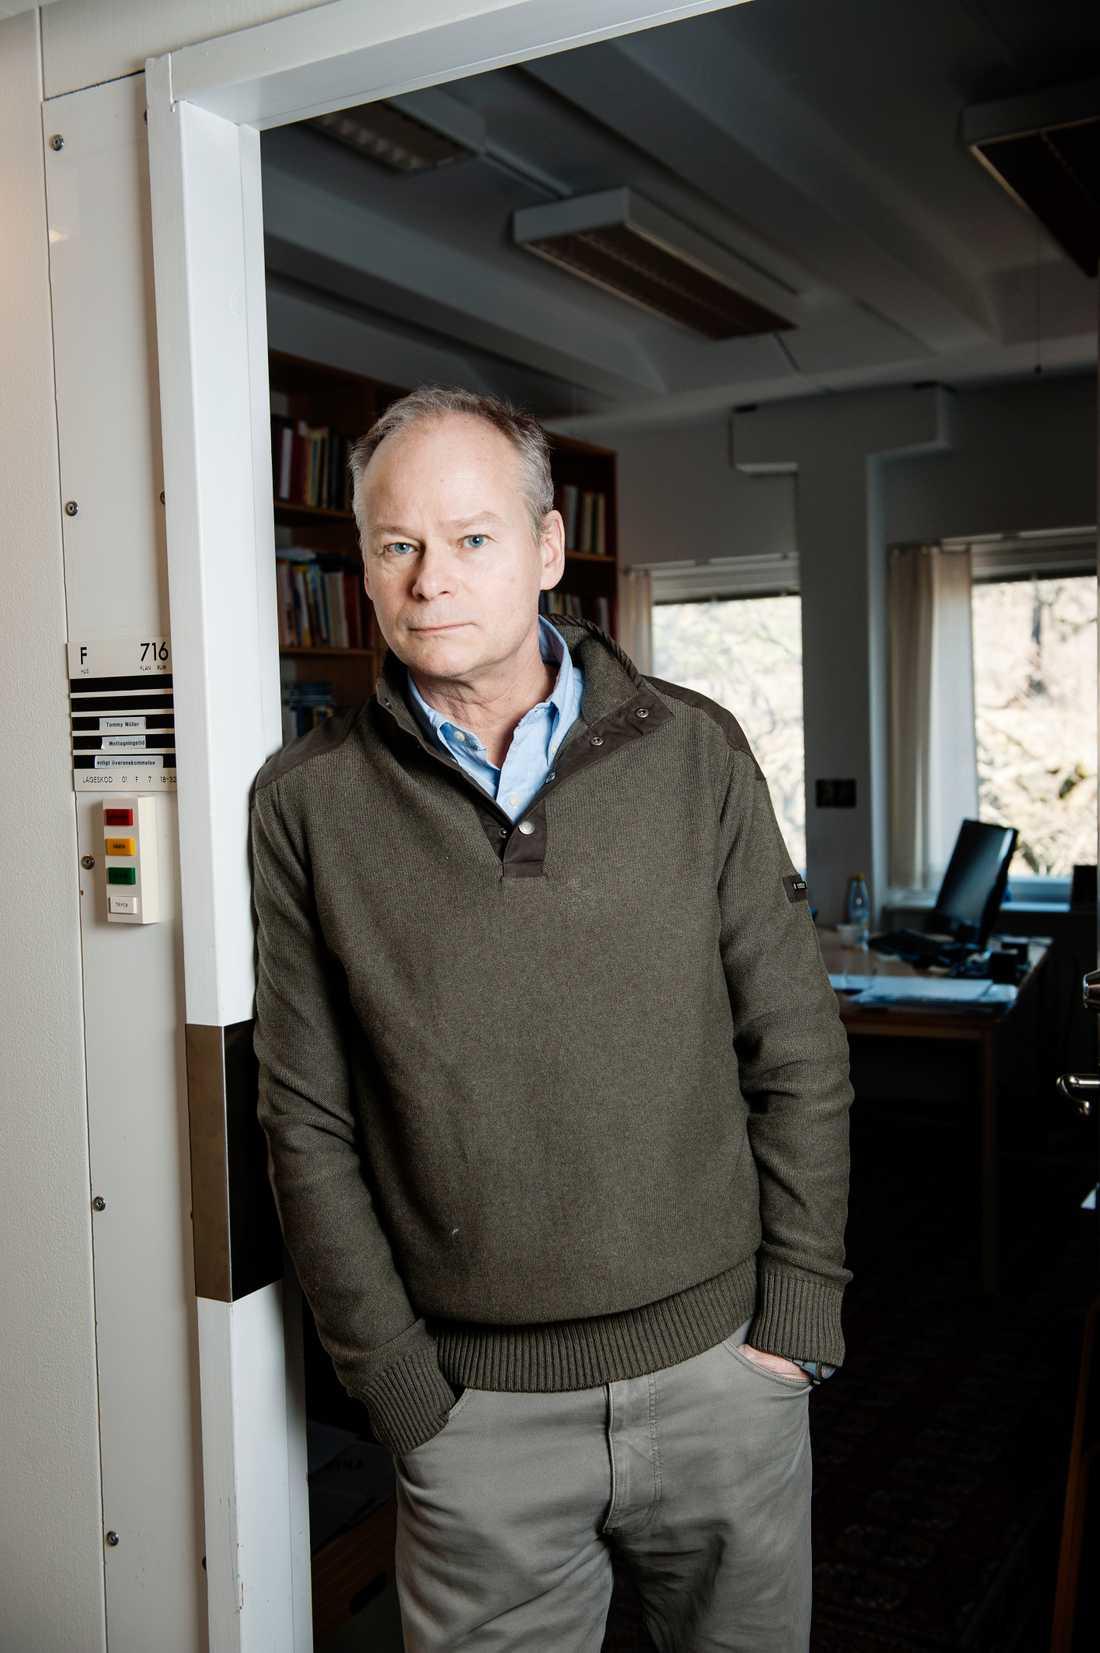 Statsvetare Tommy Möller anar att S och SD gått framåt. Arkivbild.